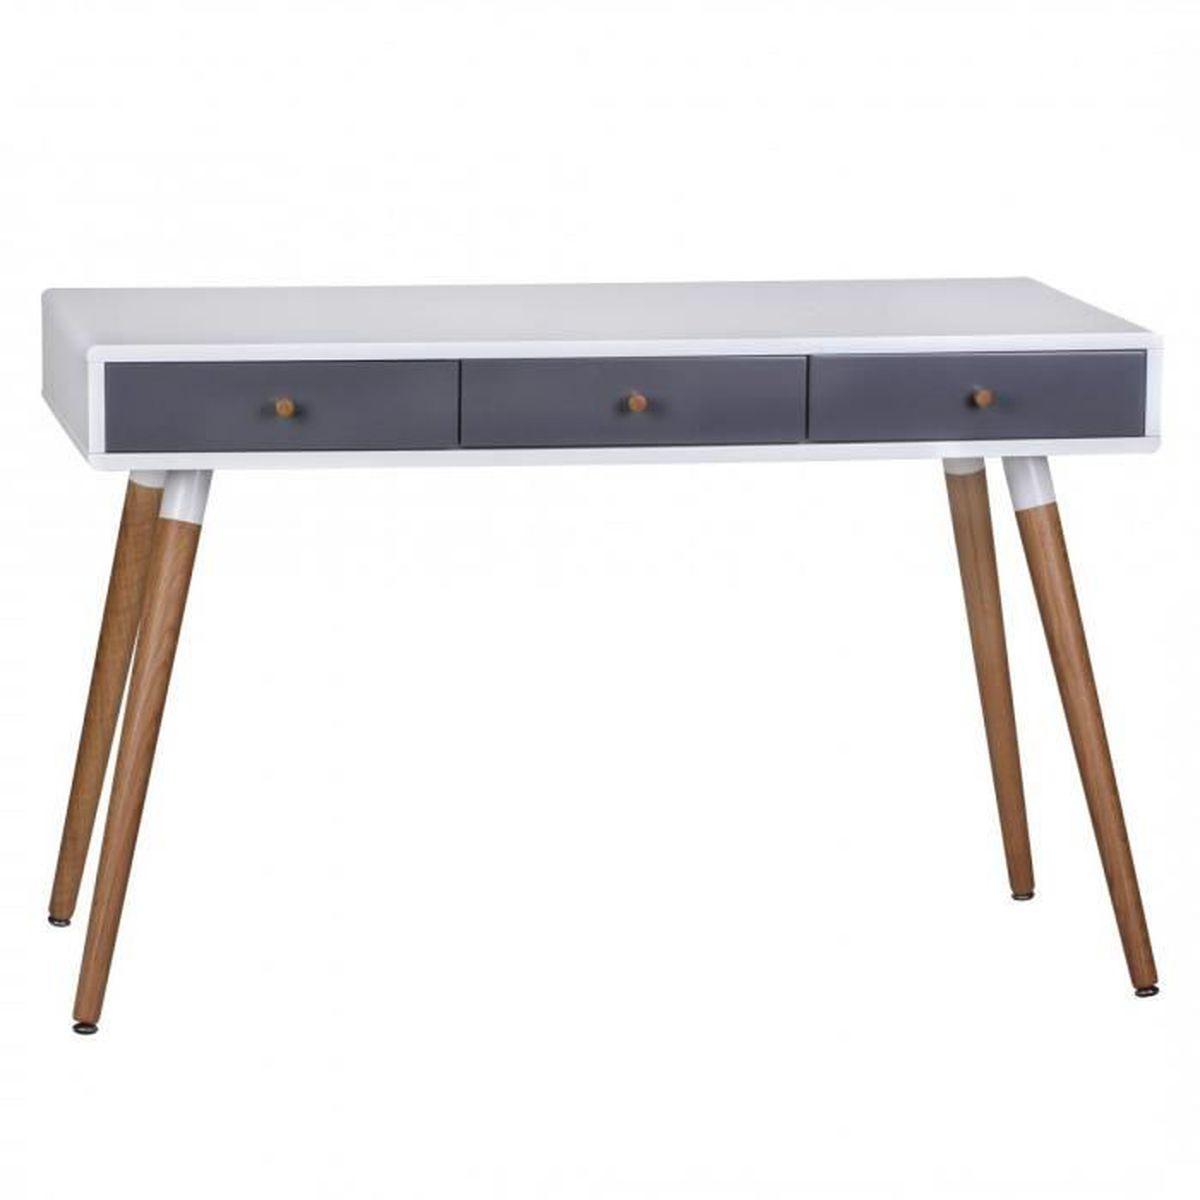 retro table console blanc gris scanio avec 3 tiroirs pieds oak achat vente console. Black Bedroom Furniture Sets. Home Design Ideas